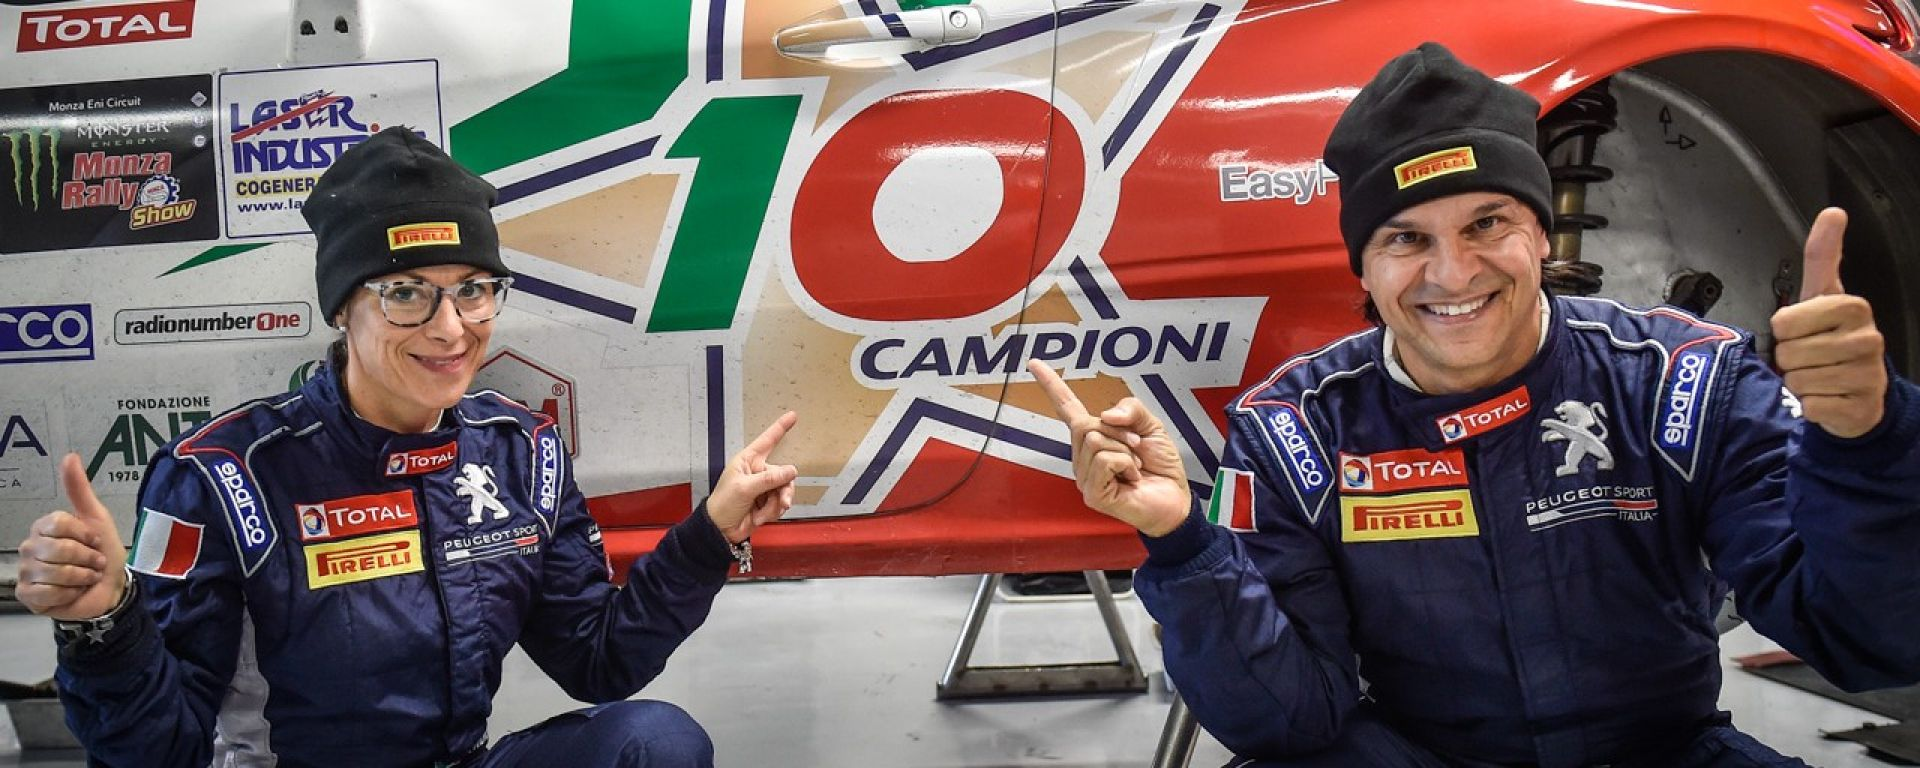 I dieci volte campioni del CIR - Andreucci e Andreussi